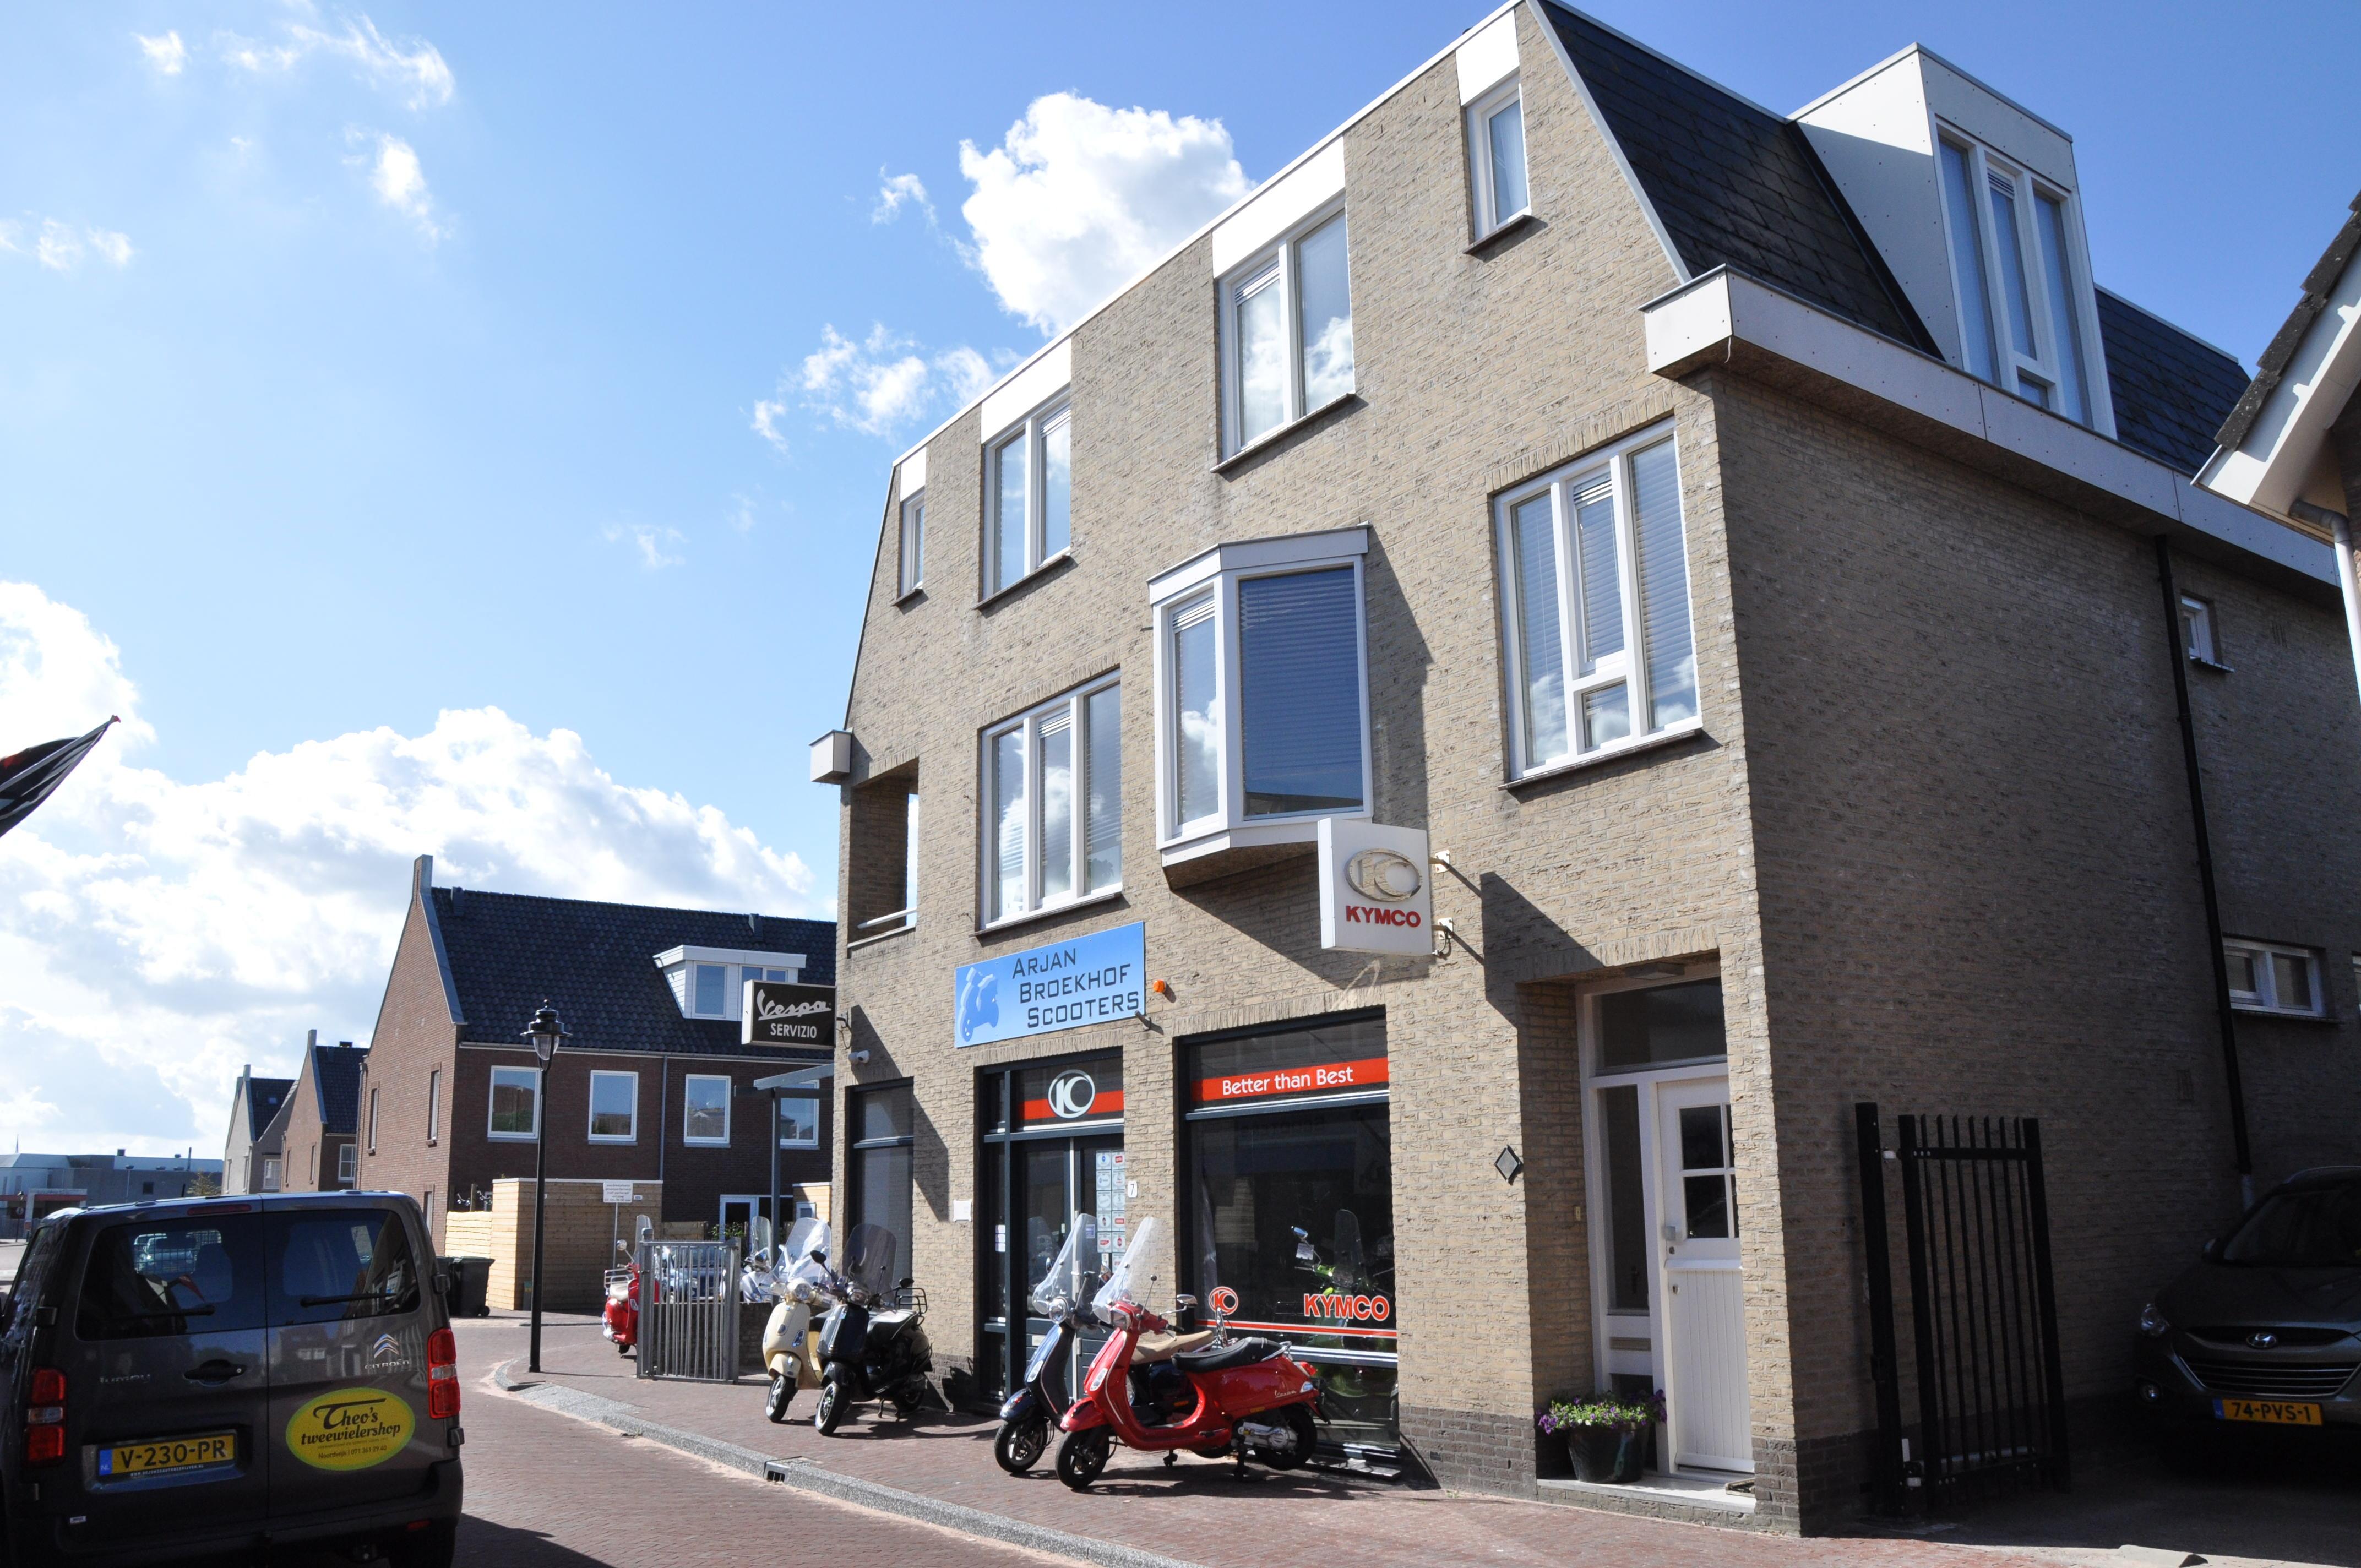 Losplaatsweg, Noordwijk